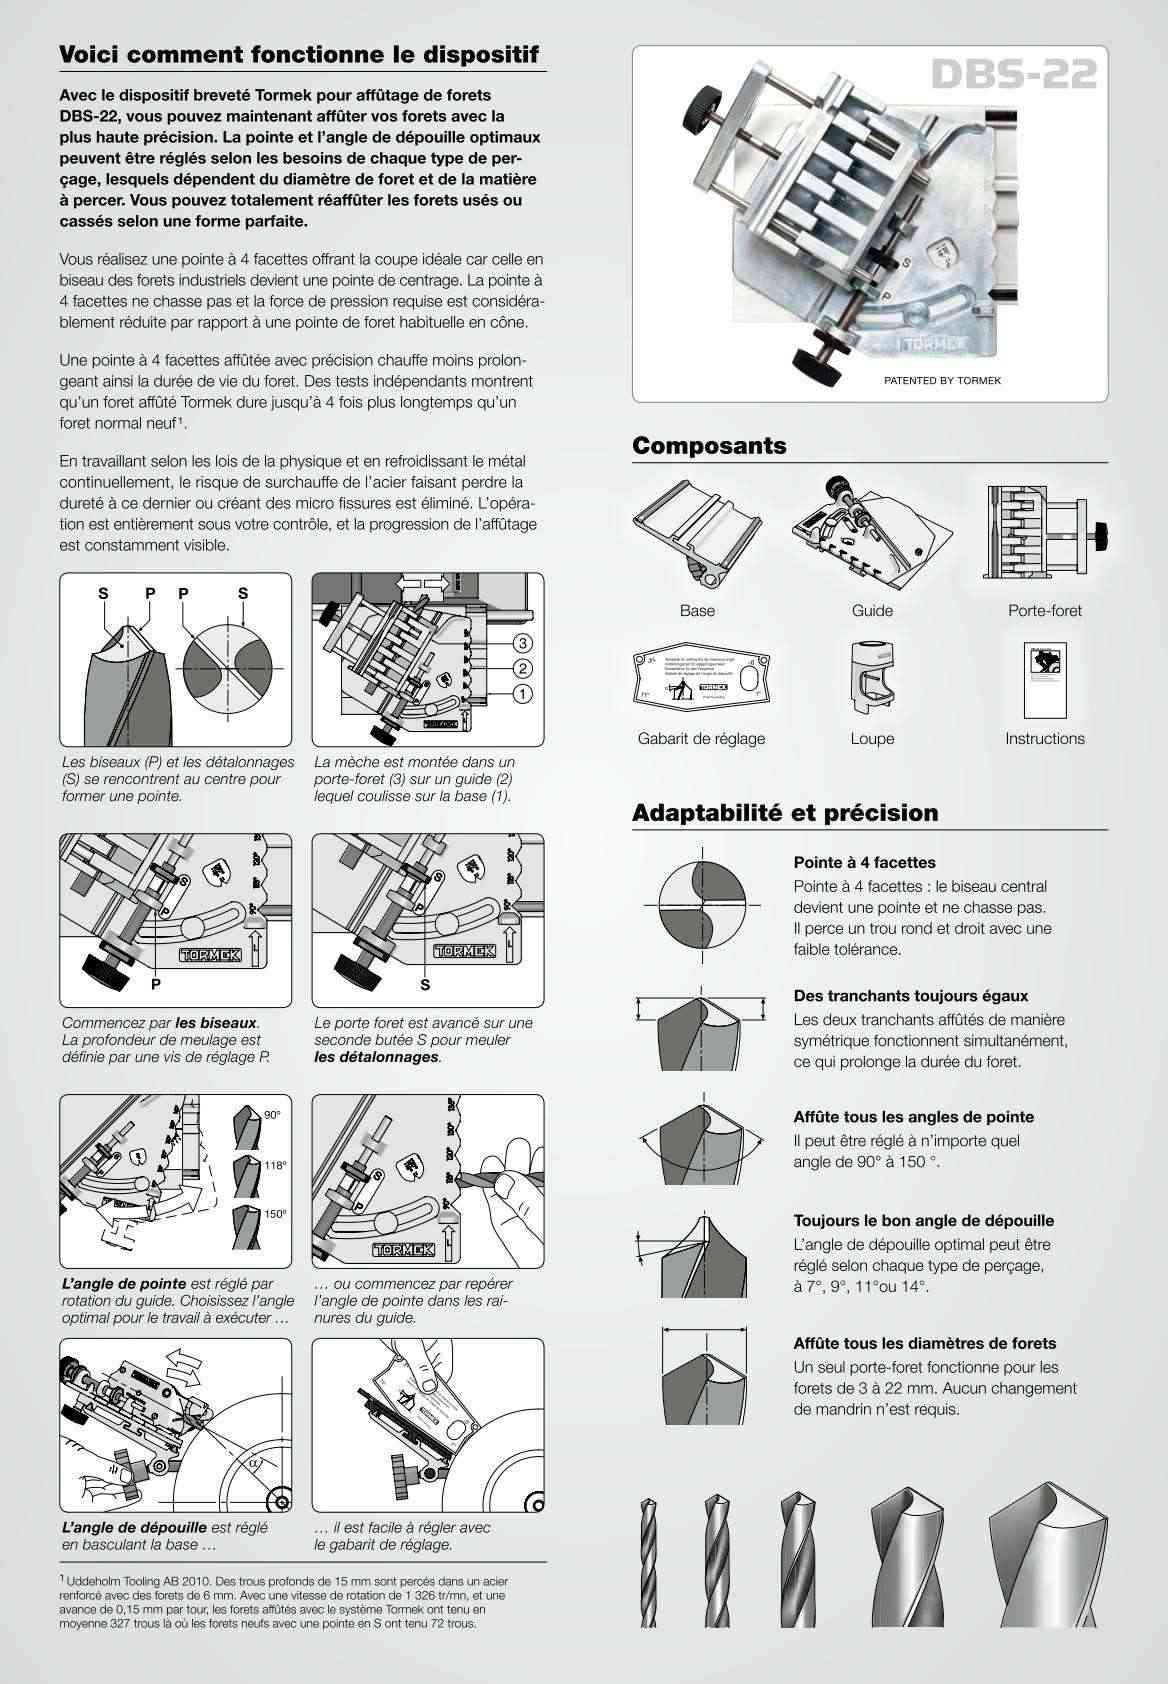 tormek dbs22 dispositif d 39 affutage des forets. Black Bedroom Furniture Sets. Home Design Ideas